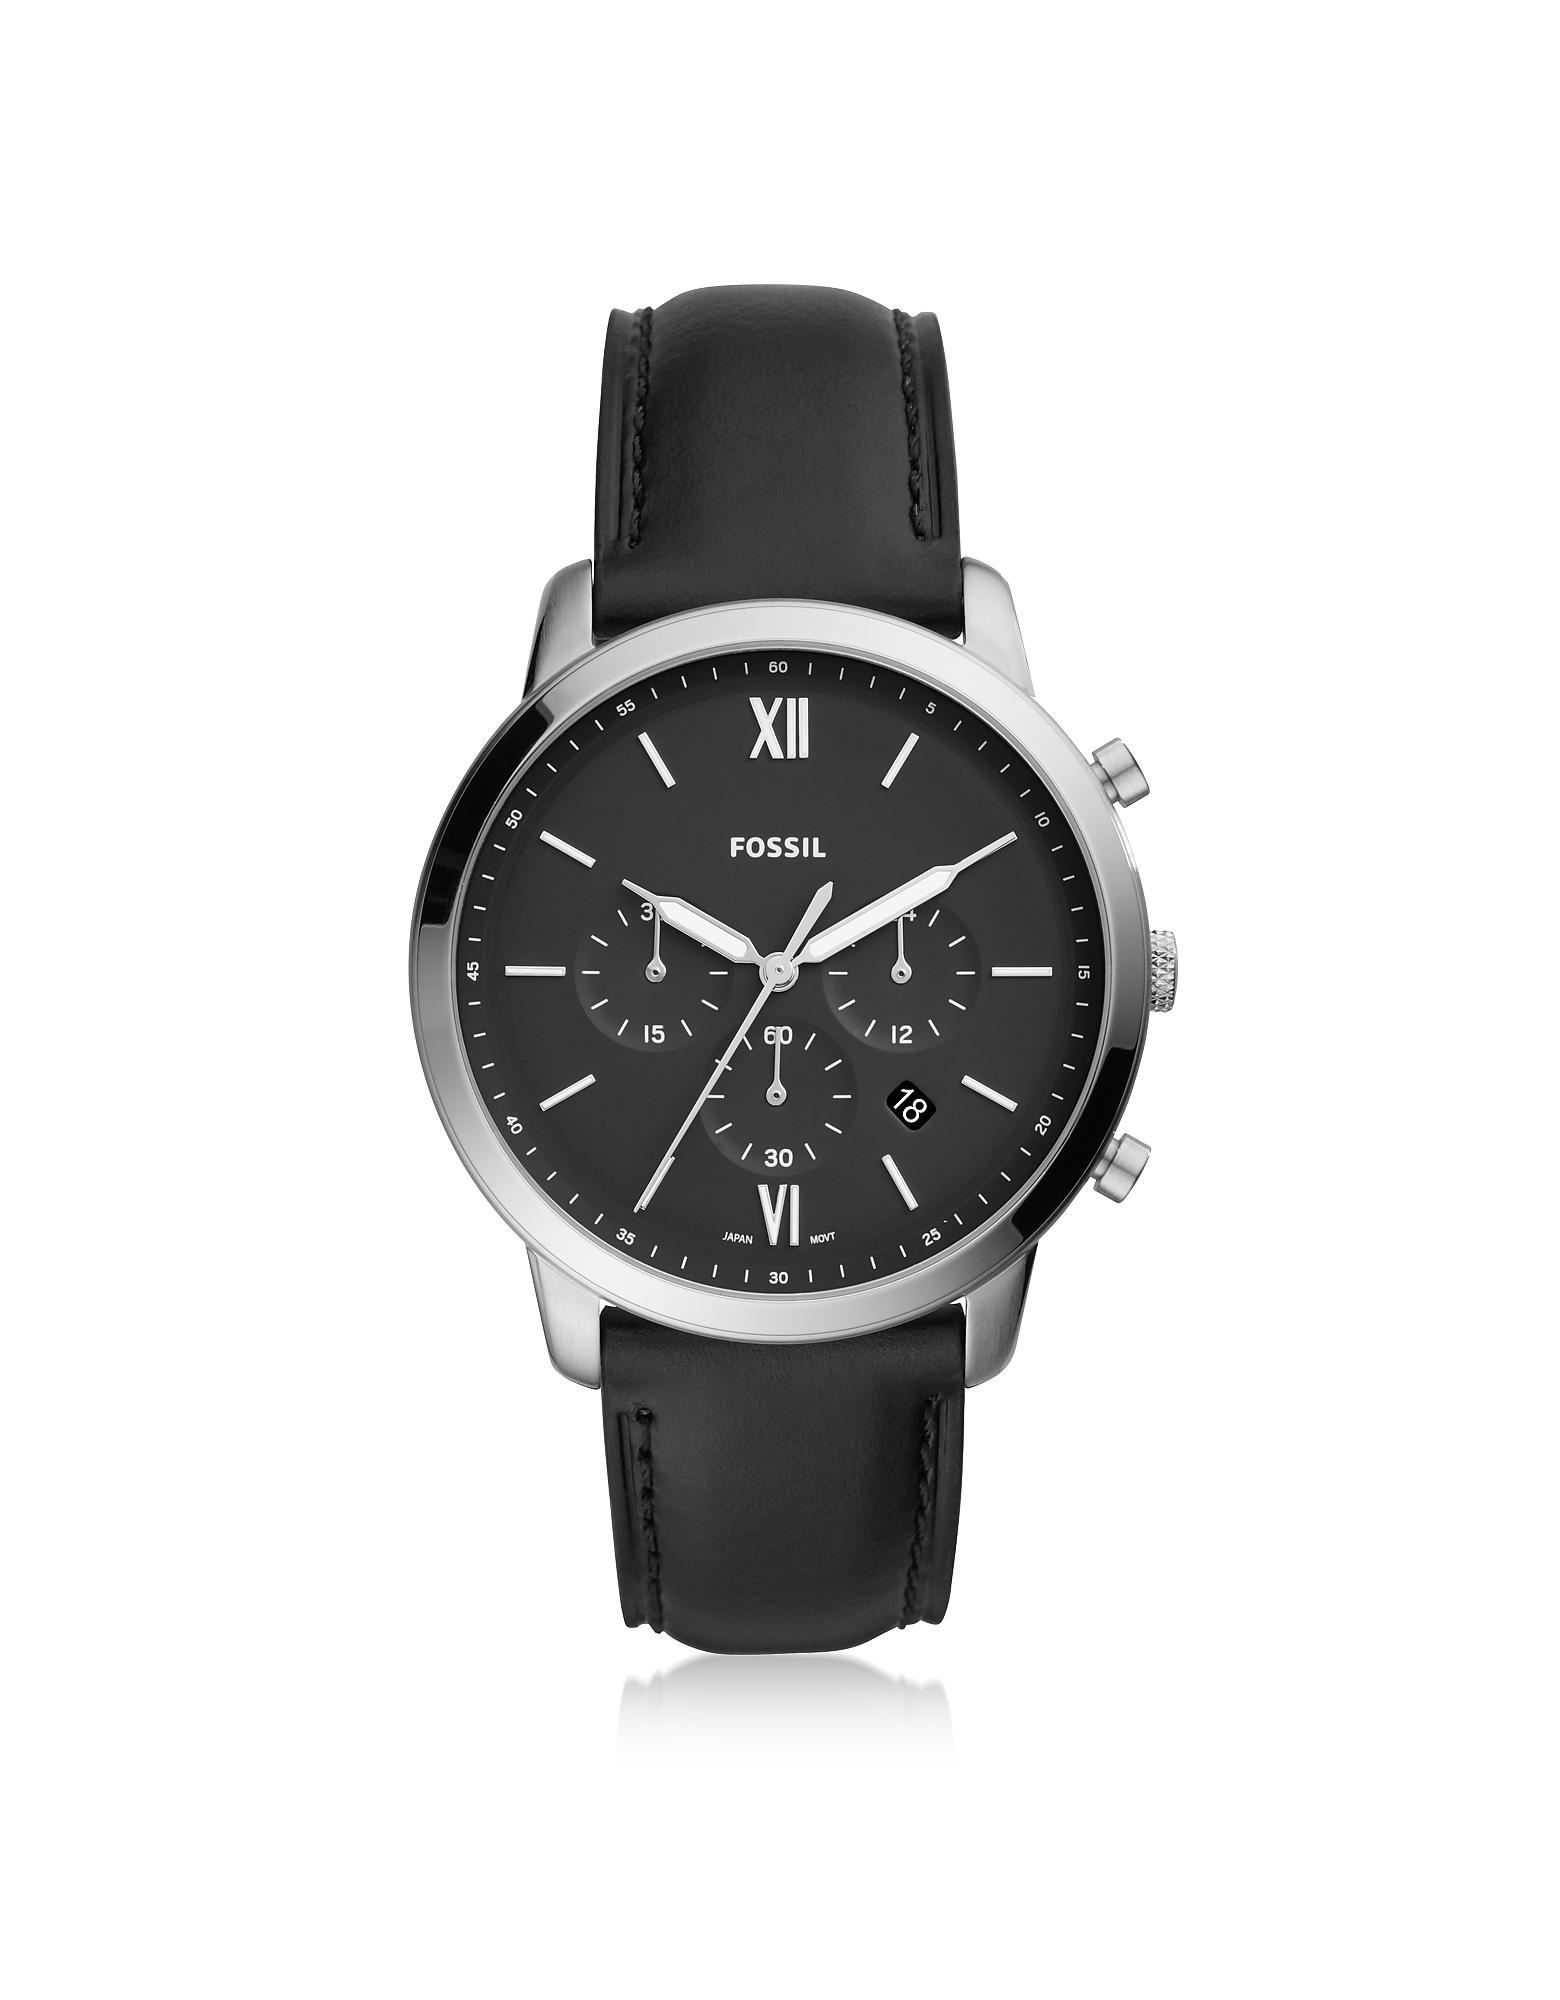 Fossil Designer Men's Watches, FS5452 Neutra chrono Watch